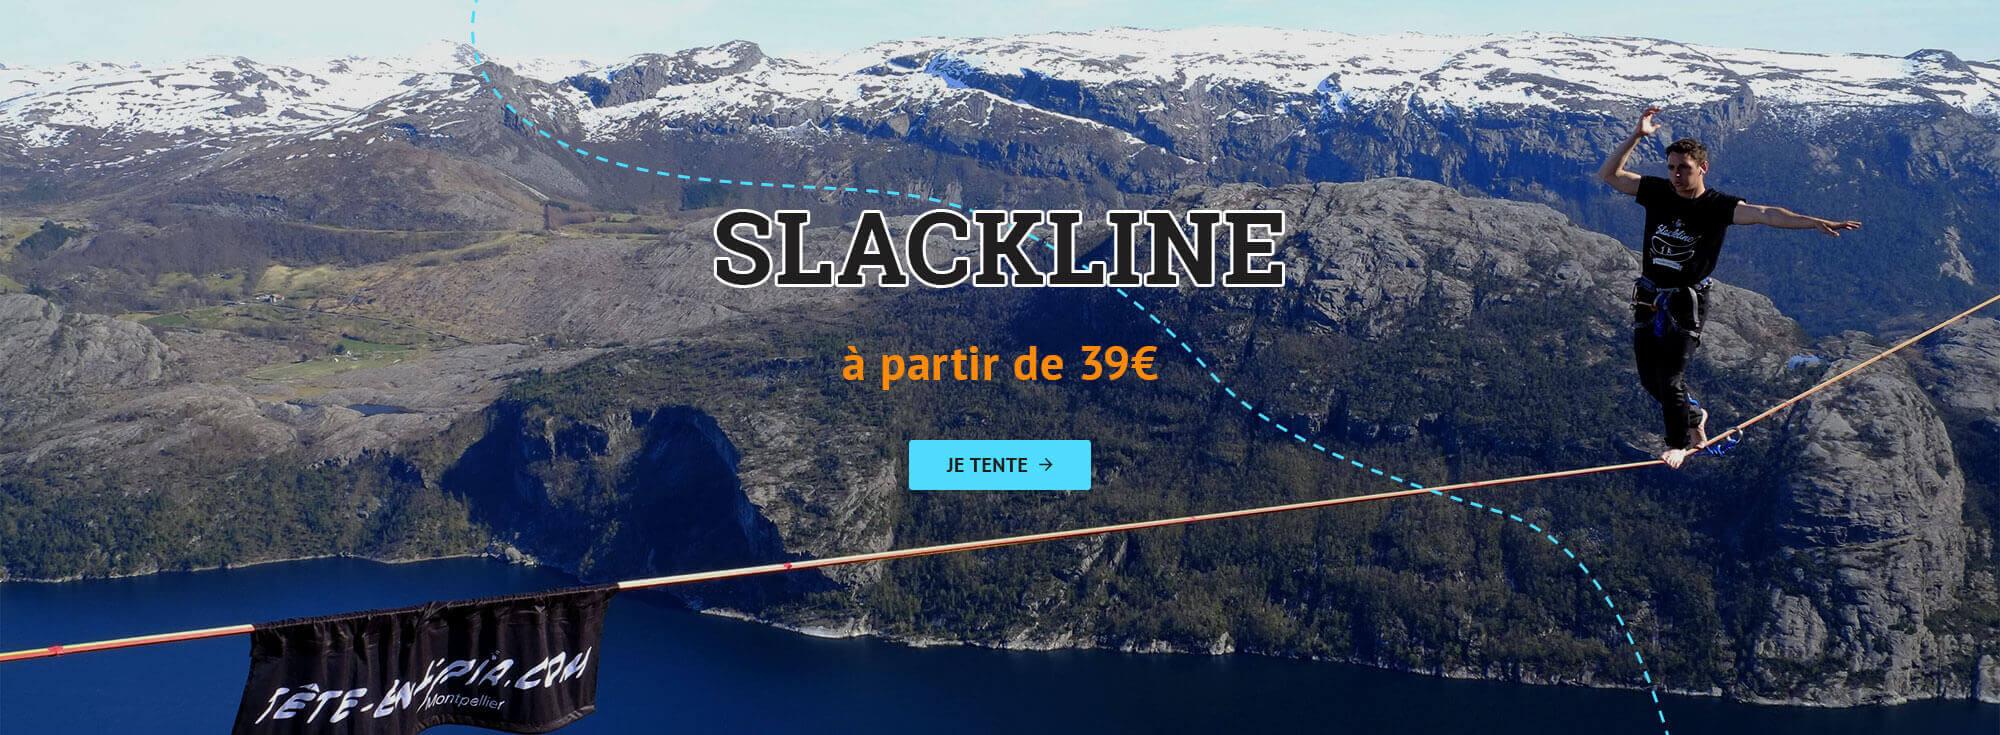 Slackline - Tentez l'équilibre à partir de 55?